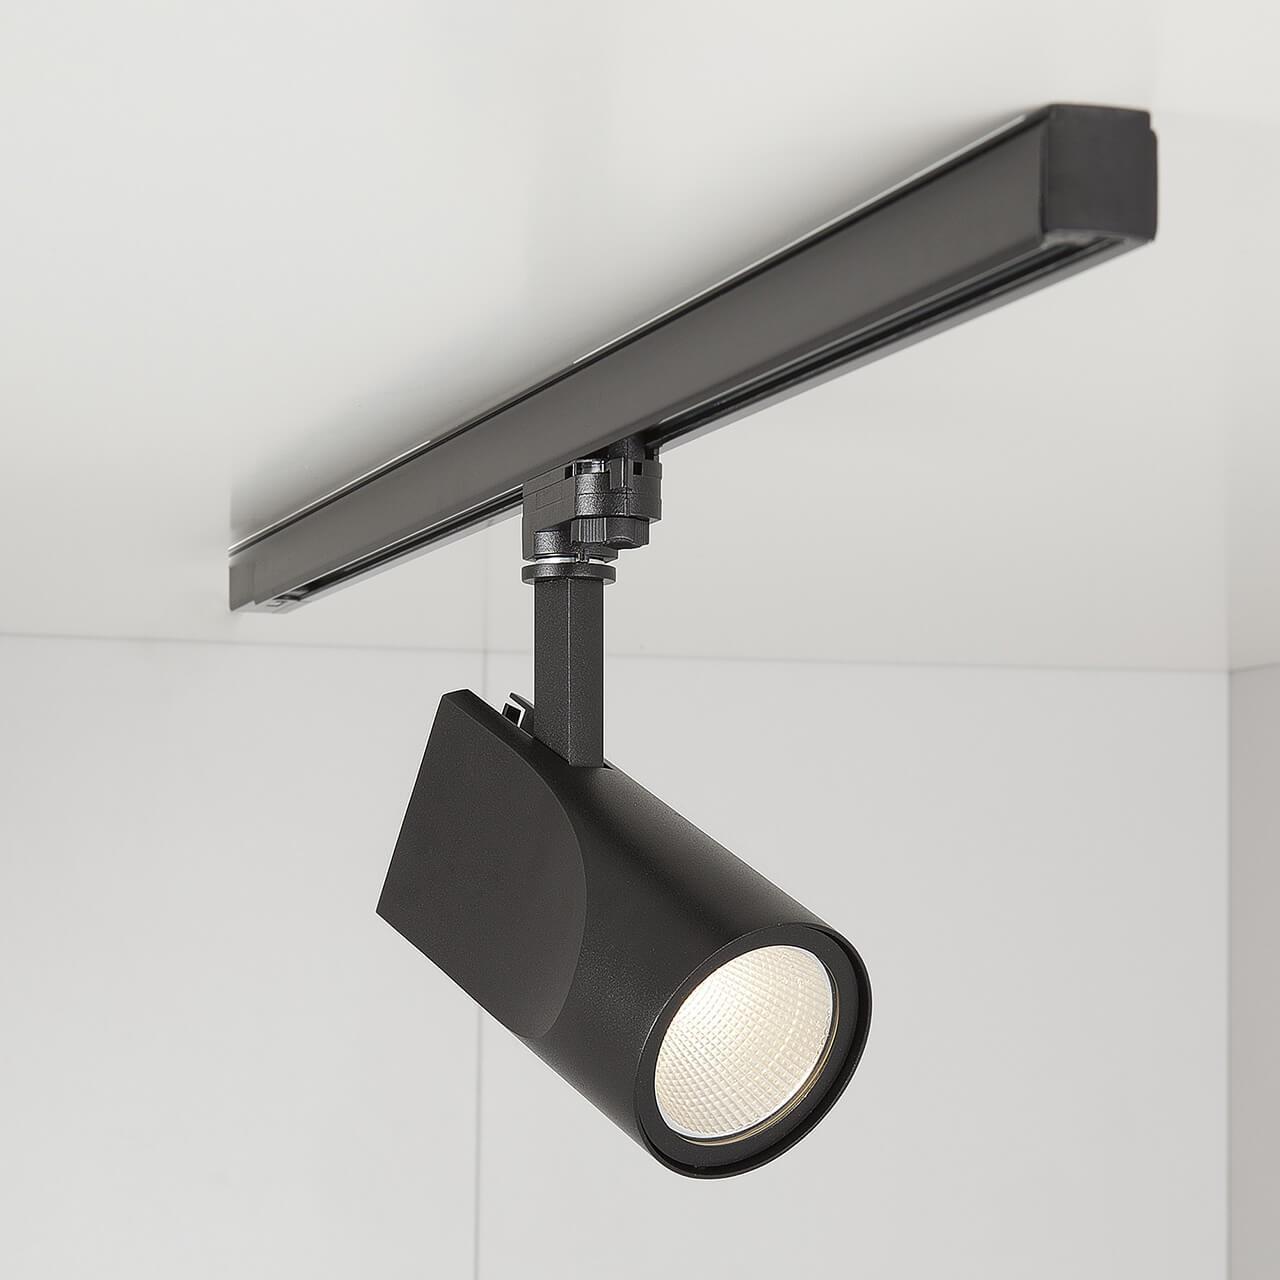 Трековый светодиодный светильник Elektrostandard Vista черный 32W 4200K 4690389111518 трековый светодиодный светильник elektrostandard accord 30w 4200k 4690389112256